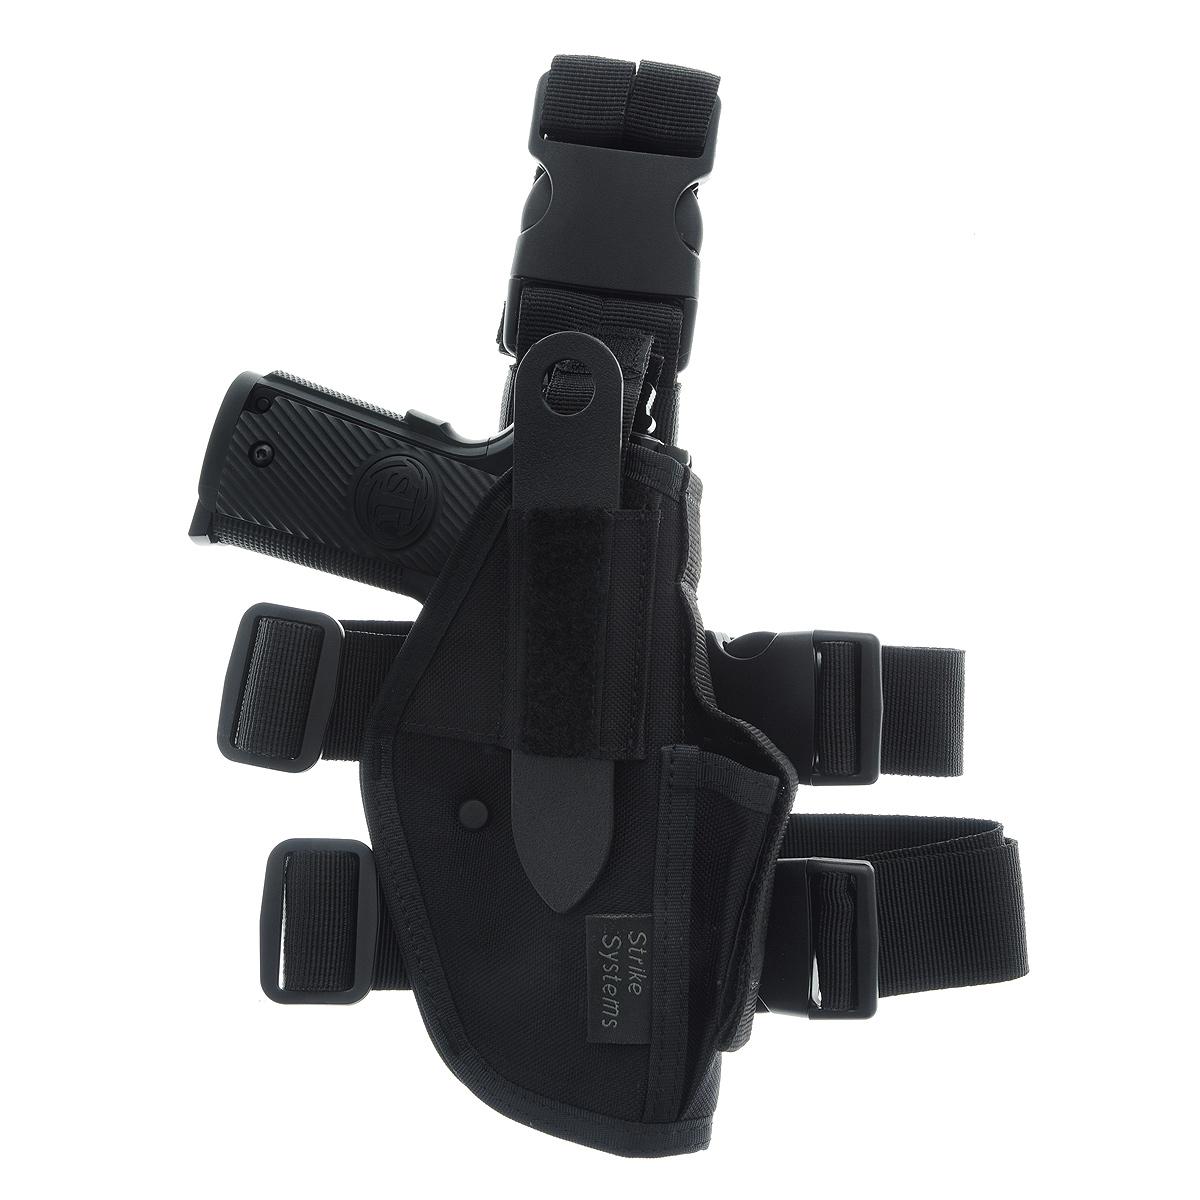 Кобура ASG набедренная для M92, G17/18, STI, CZ, Steyr, Bersa, цвет: Black (11968)11968Кобура набедренная для пневматических и страйкбольных пистолетов серий M92, G17/18, STI, CZ, Steyr, Bersa (полноразмерные и среднеразмерные - Full Frame и Mid Frame) с подсумком для запасного магазина. Предназначена для ношения в тире и на полигоне. Показанные на фото оружие и аксессуары в комплект не входят. Не рассчитана на использование с боевым оружием. Регулируется по высоте. Застежка-фастекс для быстрого снятия. Два эластичных ремня с застежками для бедра. В комплекте приспособление для удобной регулировки. Двойные швы. Из износостойкого и влагостойкого нейлона. Возврат товара возможен только при наличии заключения сервисного центра. Время работы сервисного центра: Пн-чт: 10.00-18.00 Пт: 10.00- 17.00 Сб, Вс: выходные дни Адрес: ООО ГАТО, 121471, г.Москва, ул. Петра Алексеева, д 12., тел. (495)232-4670, gato@gato.ru Характеристики: Материал: нейлон, пластик. Размер...